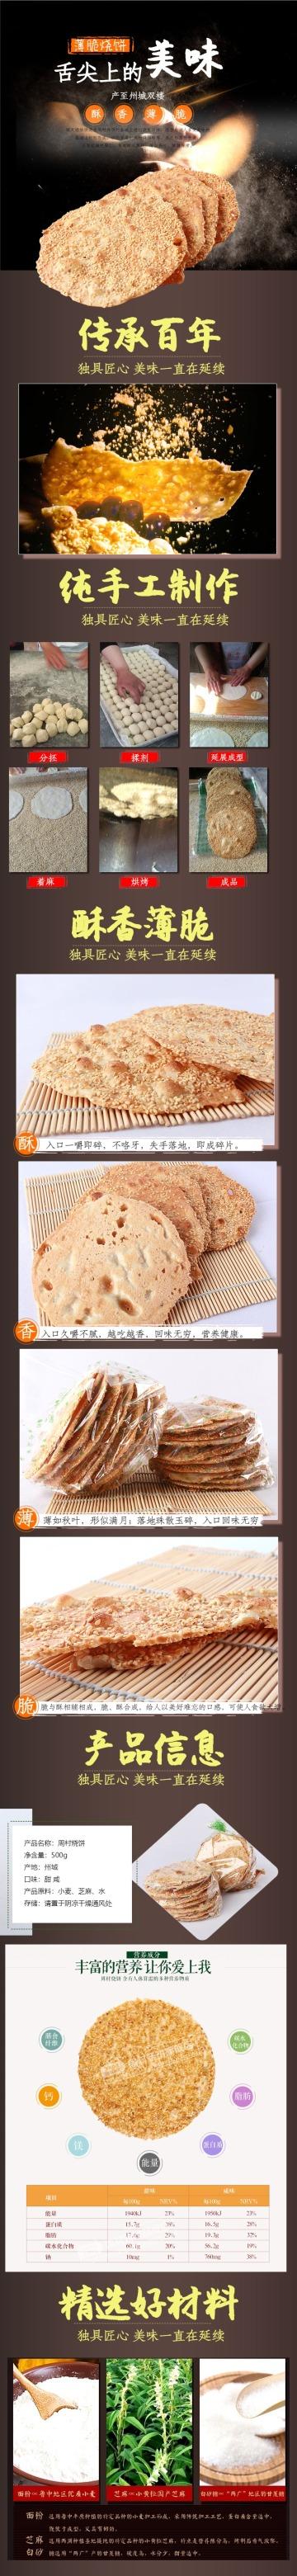 黑色简约大气百货零售零食小吃烧饼促销电商详情页